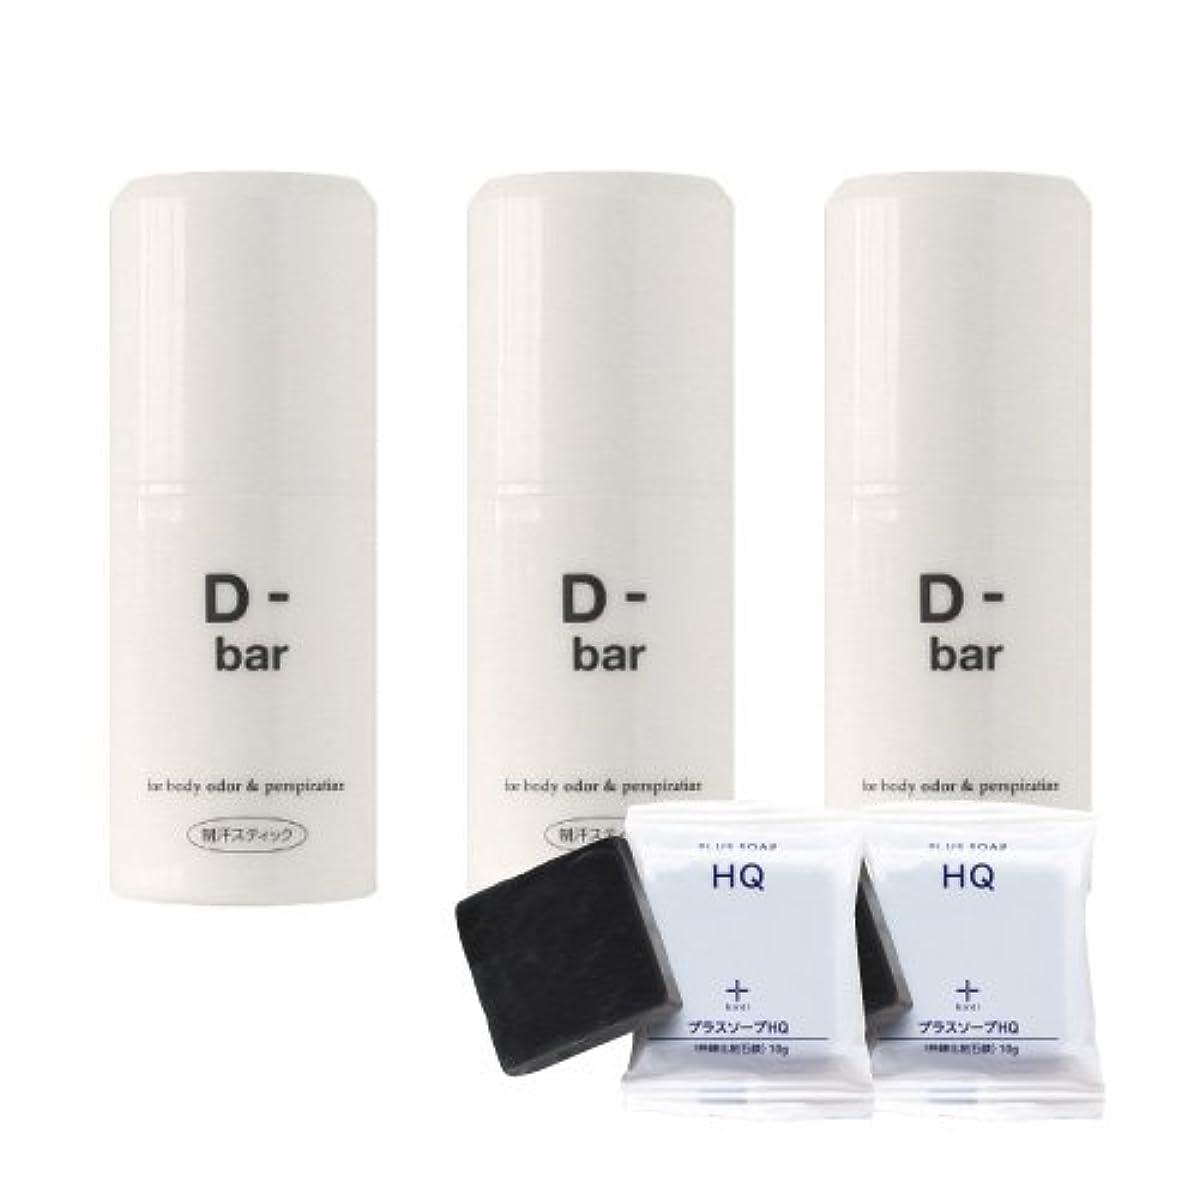 パントリー周り姓D-bar(ディーバー) 15g 3本 + プラスソープHQミニ 2個